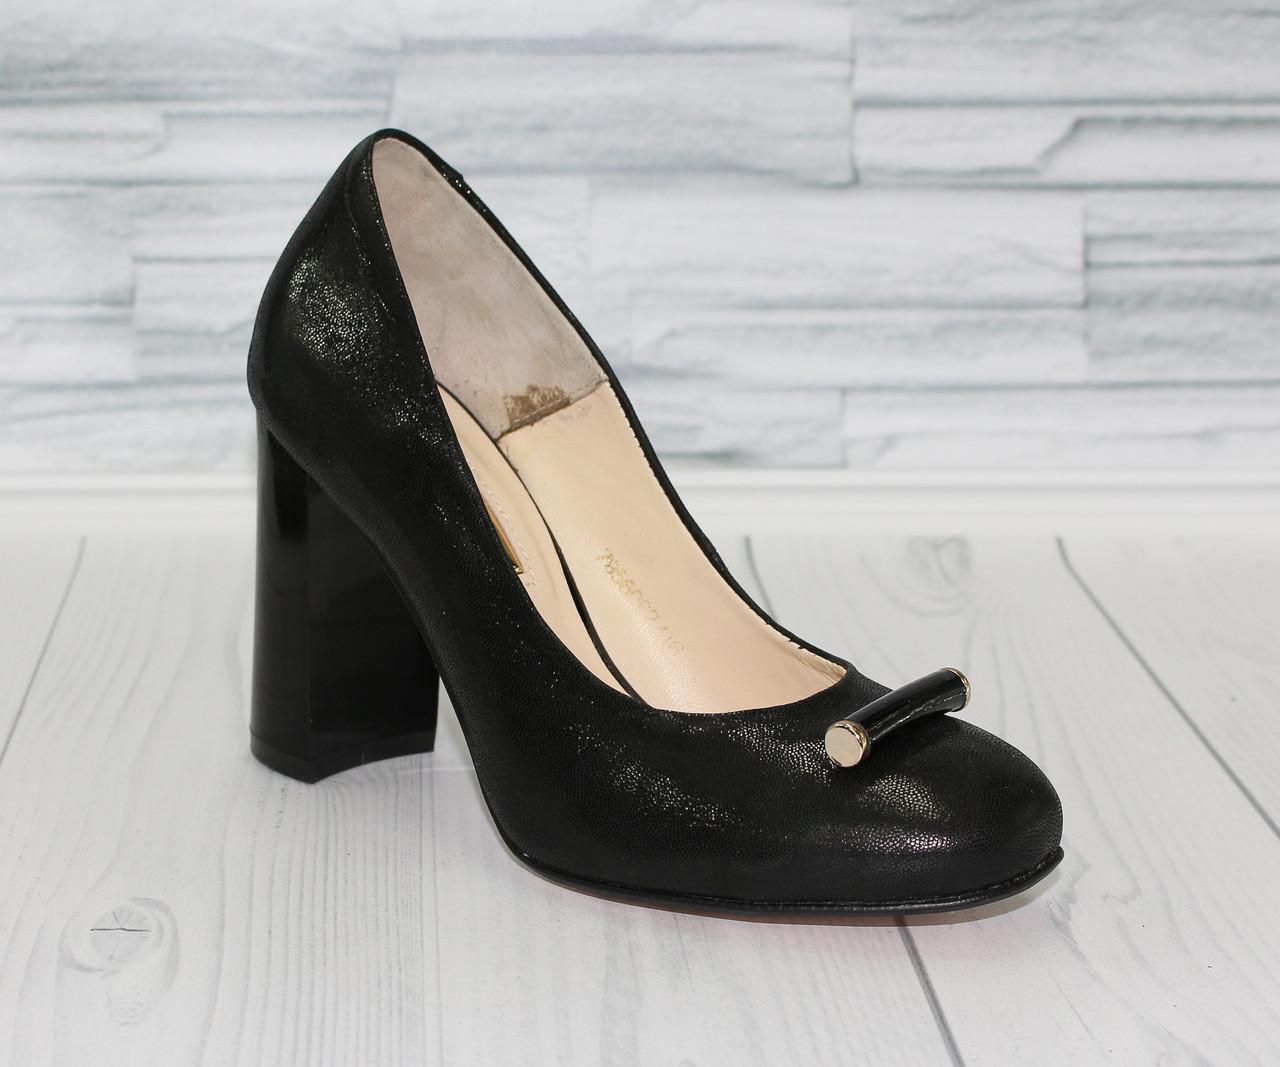 Классические туфли-лодочки. Натуральная кожа. Туфли женские 0447 - Интернет  магазин обуви от 6efa0961c44